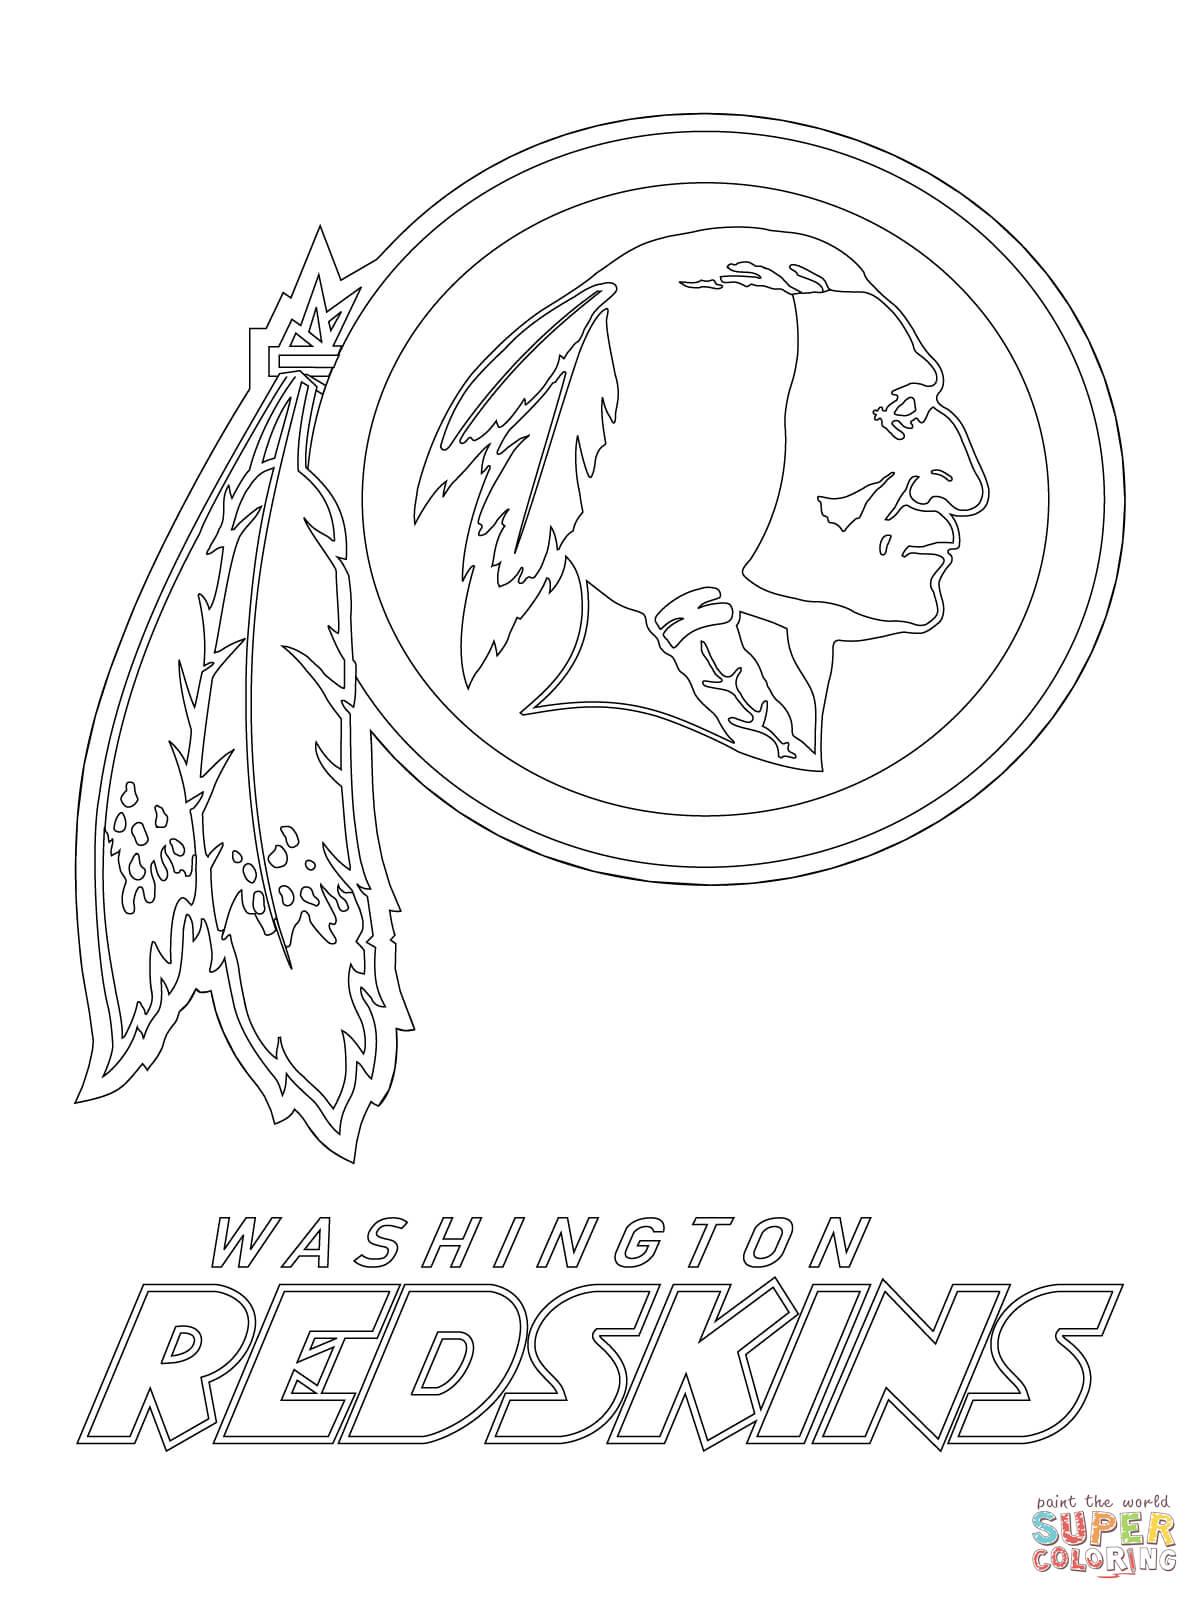 Washington Redskins Logo Coloring Page